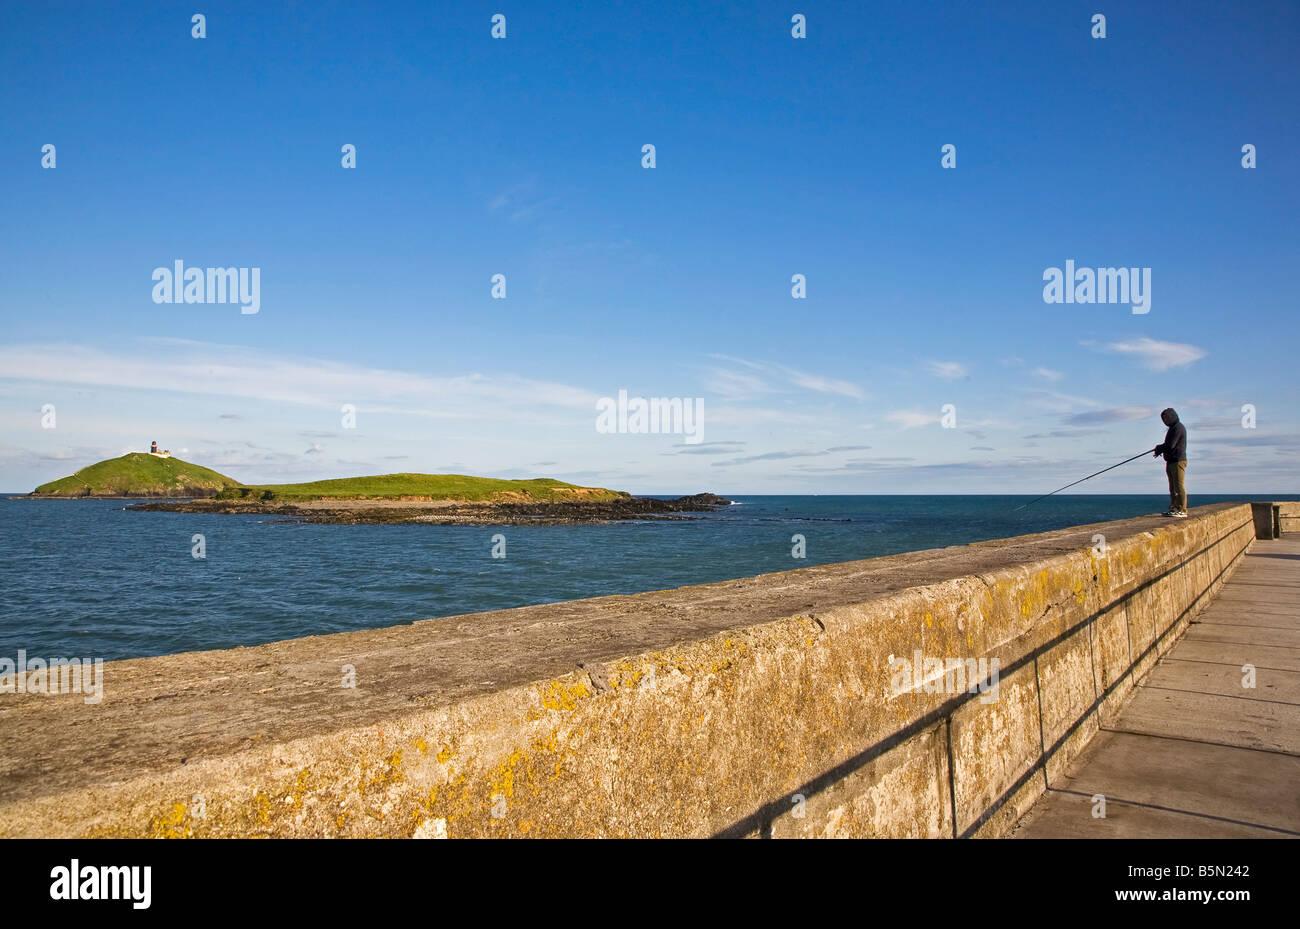 La pesca marina con caña de Ballycotton Harbour Wall, Condado de Cork, Irlanda Imagen De Stock